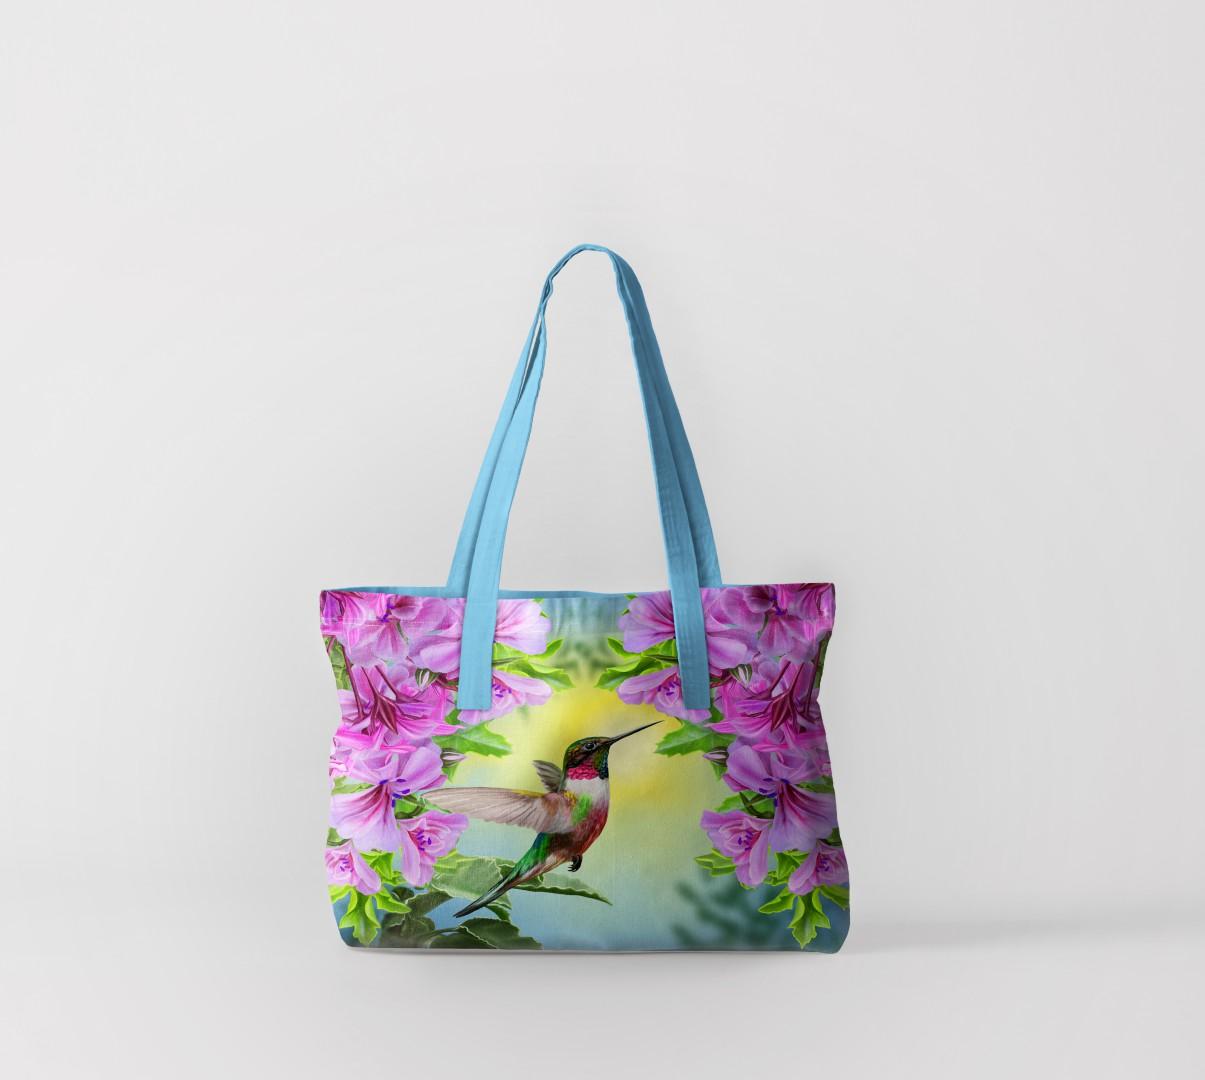 Пляжная сумка Сказочный колибри (50х40 см) Олимп Текстиль oli732594